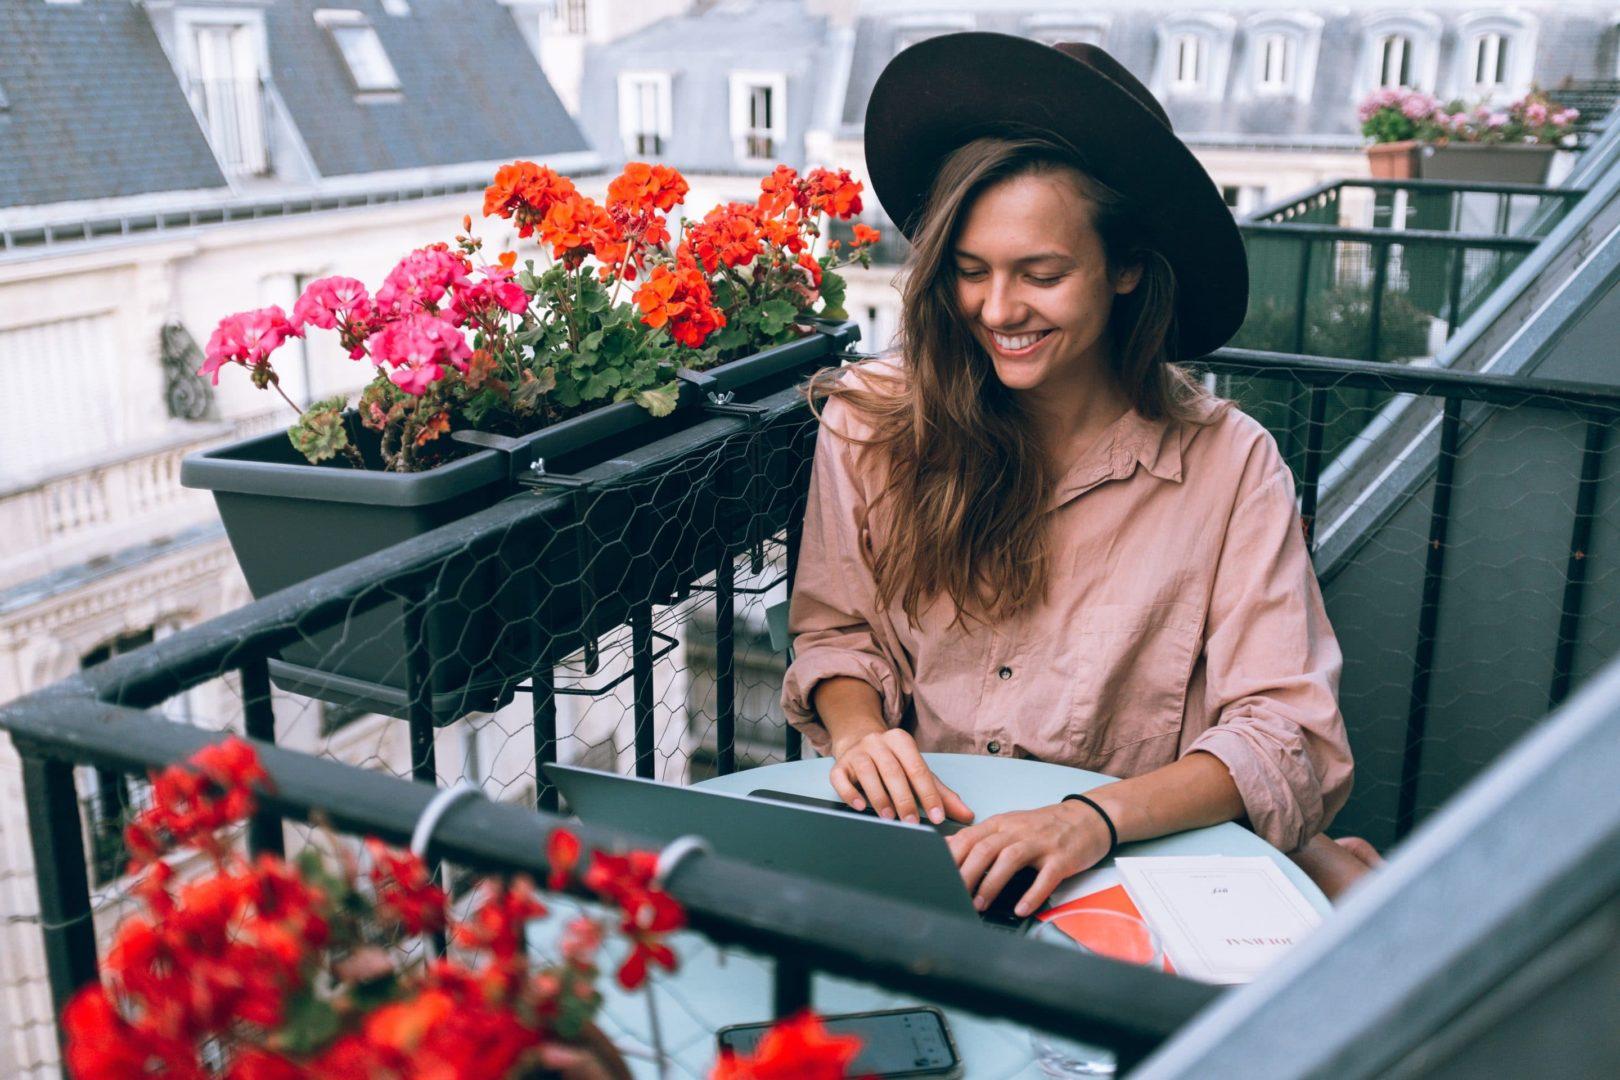 Młoda dziewczyna pracująca na komputerze z balkonu. To przykład tego, jak wygląda praca freelancera.